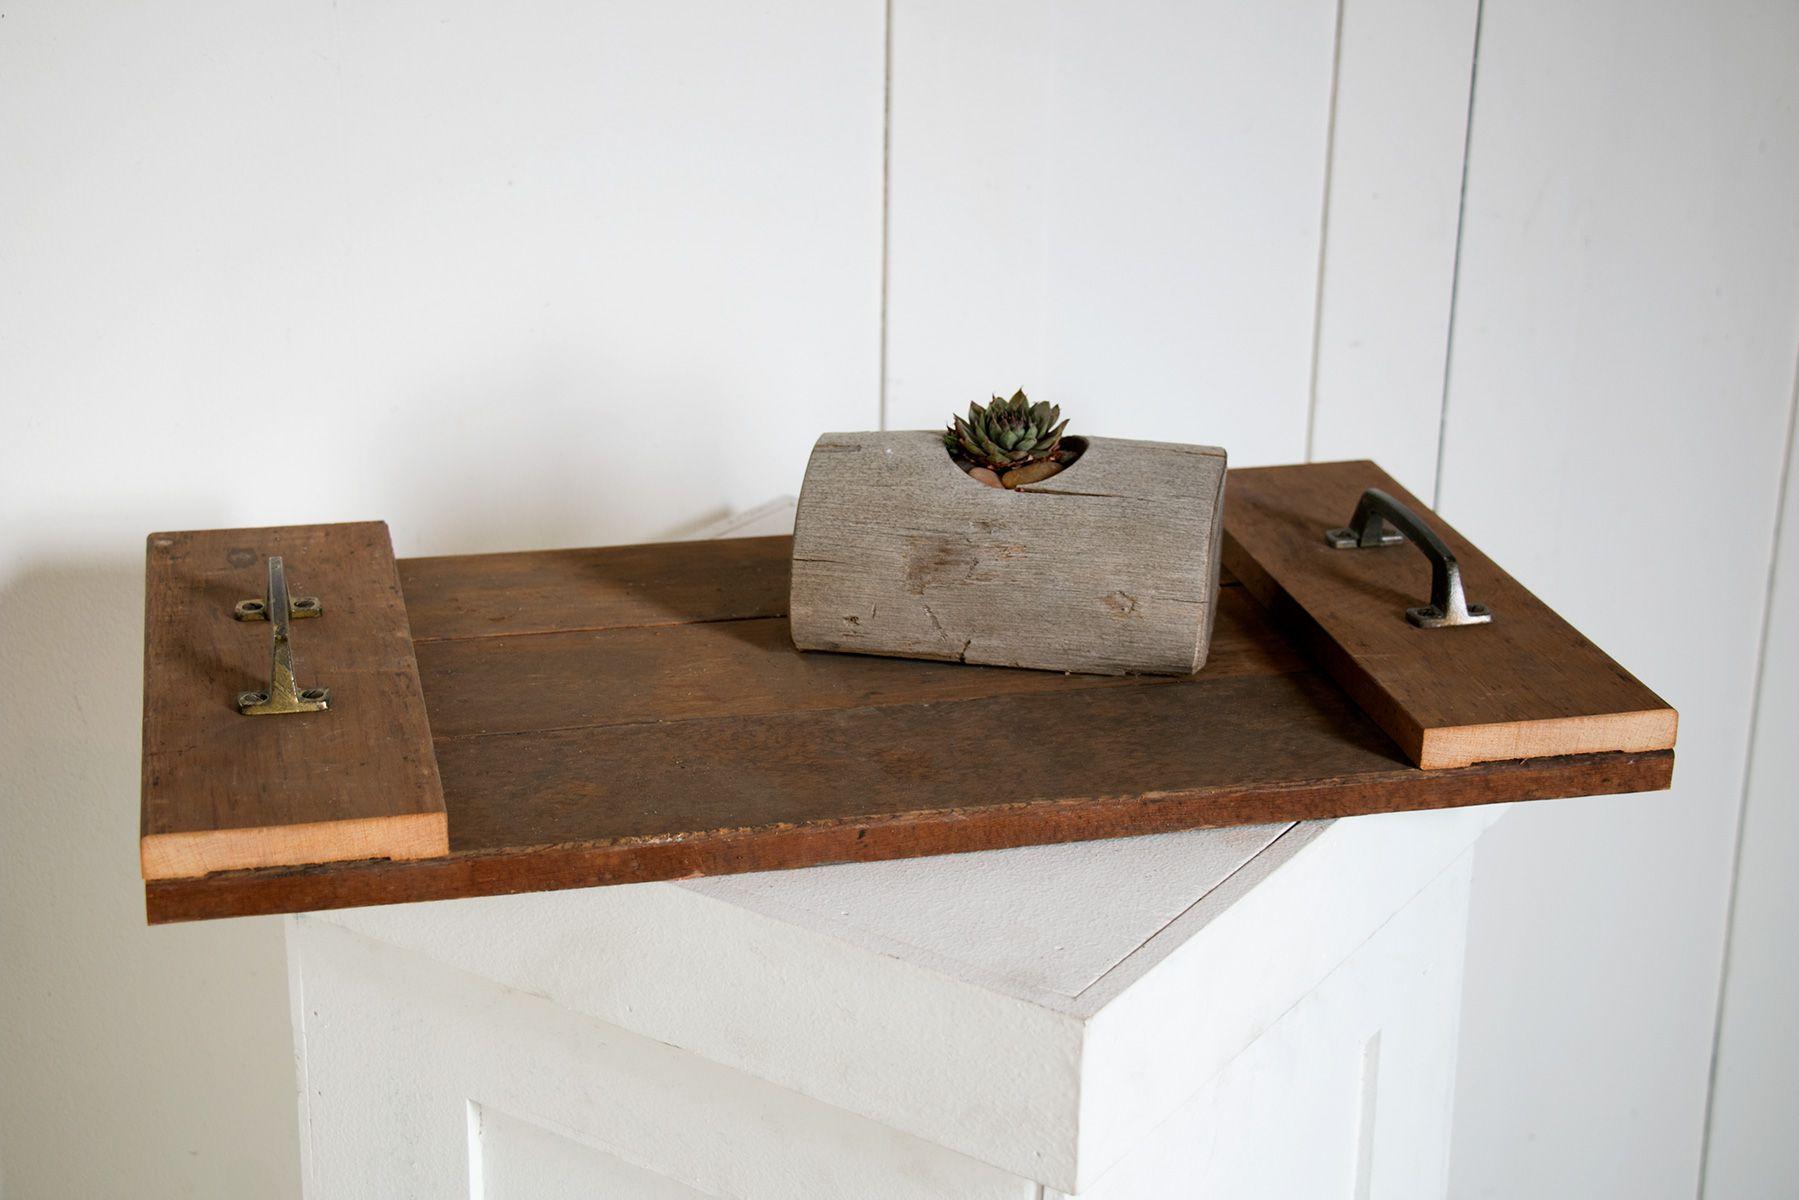 Bandeja de servicio de madera reciclada de bricolaje con un registro con un suculento en él